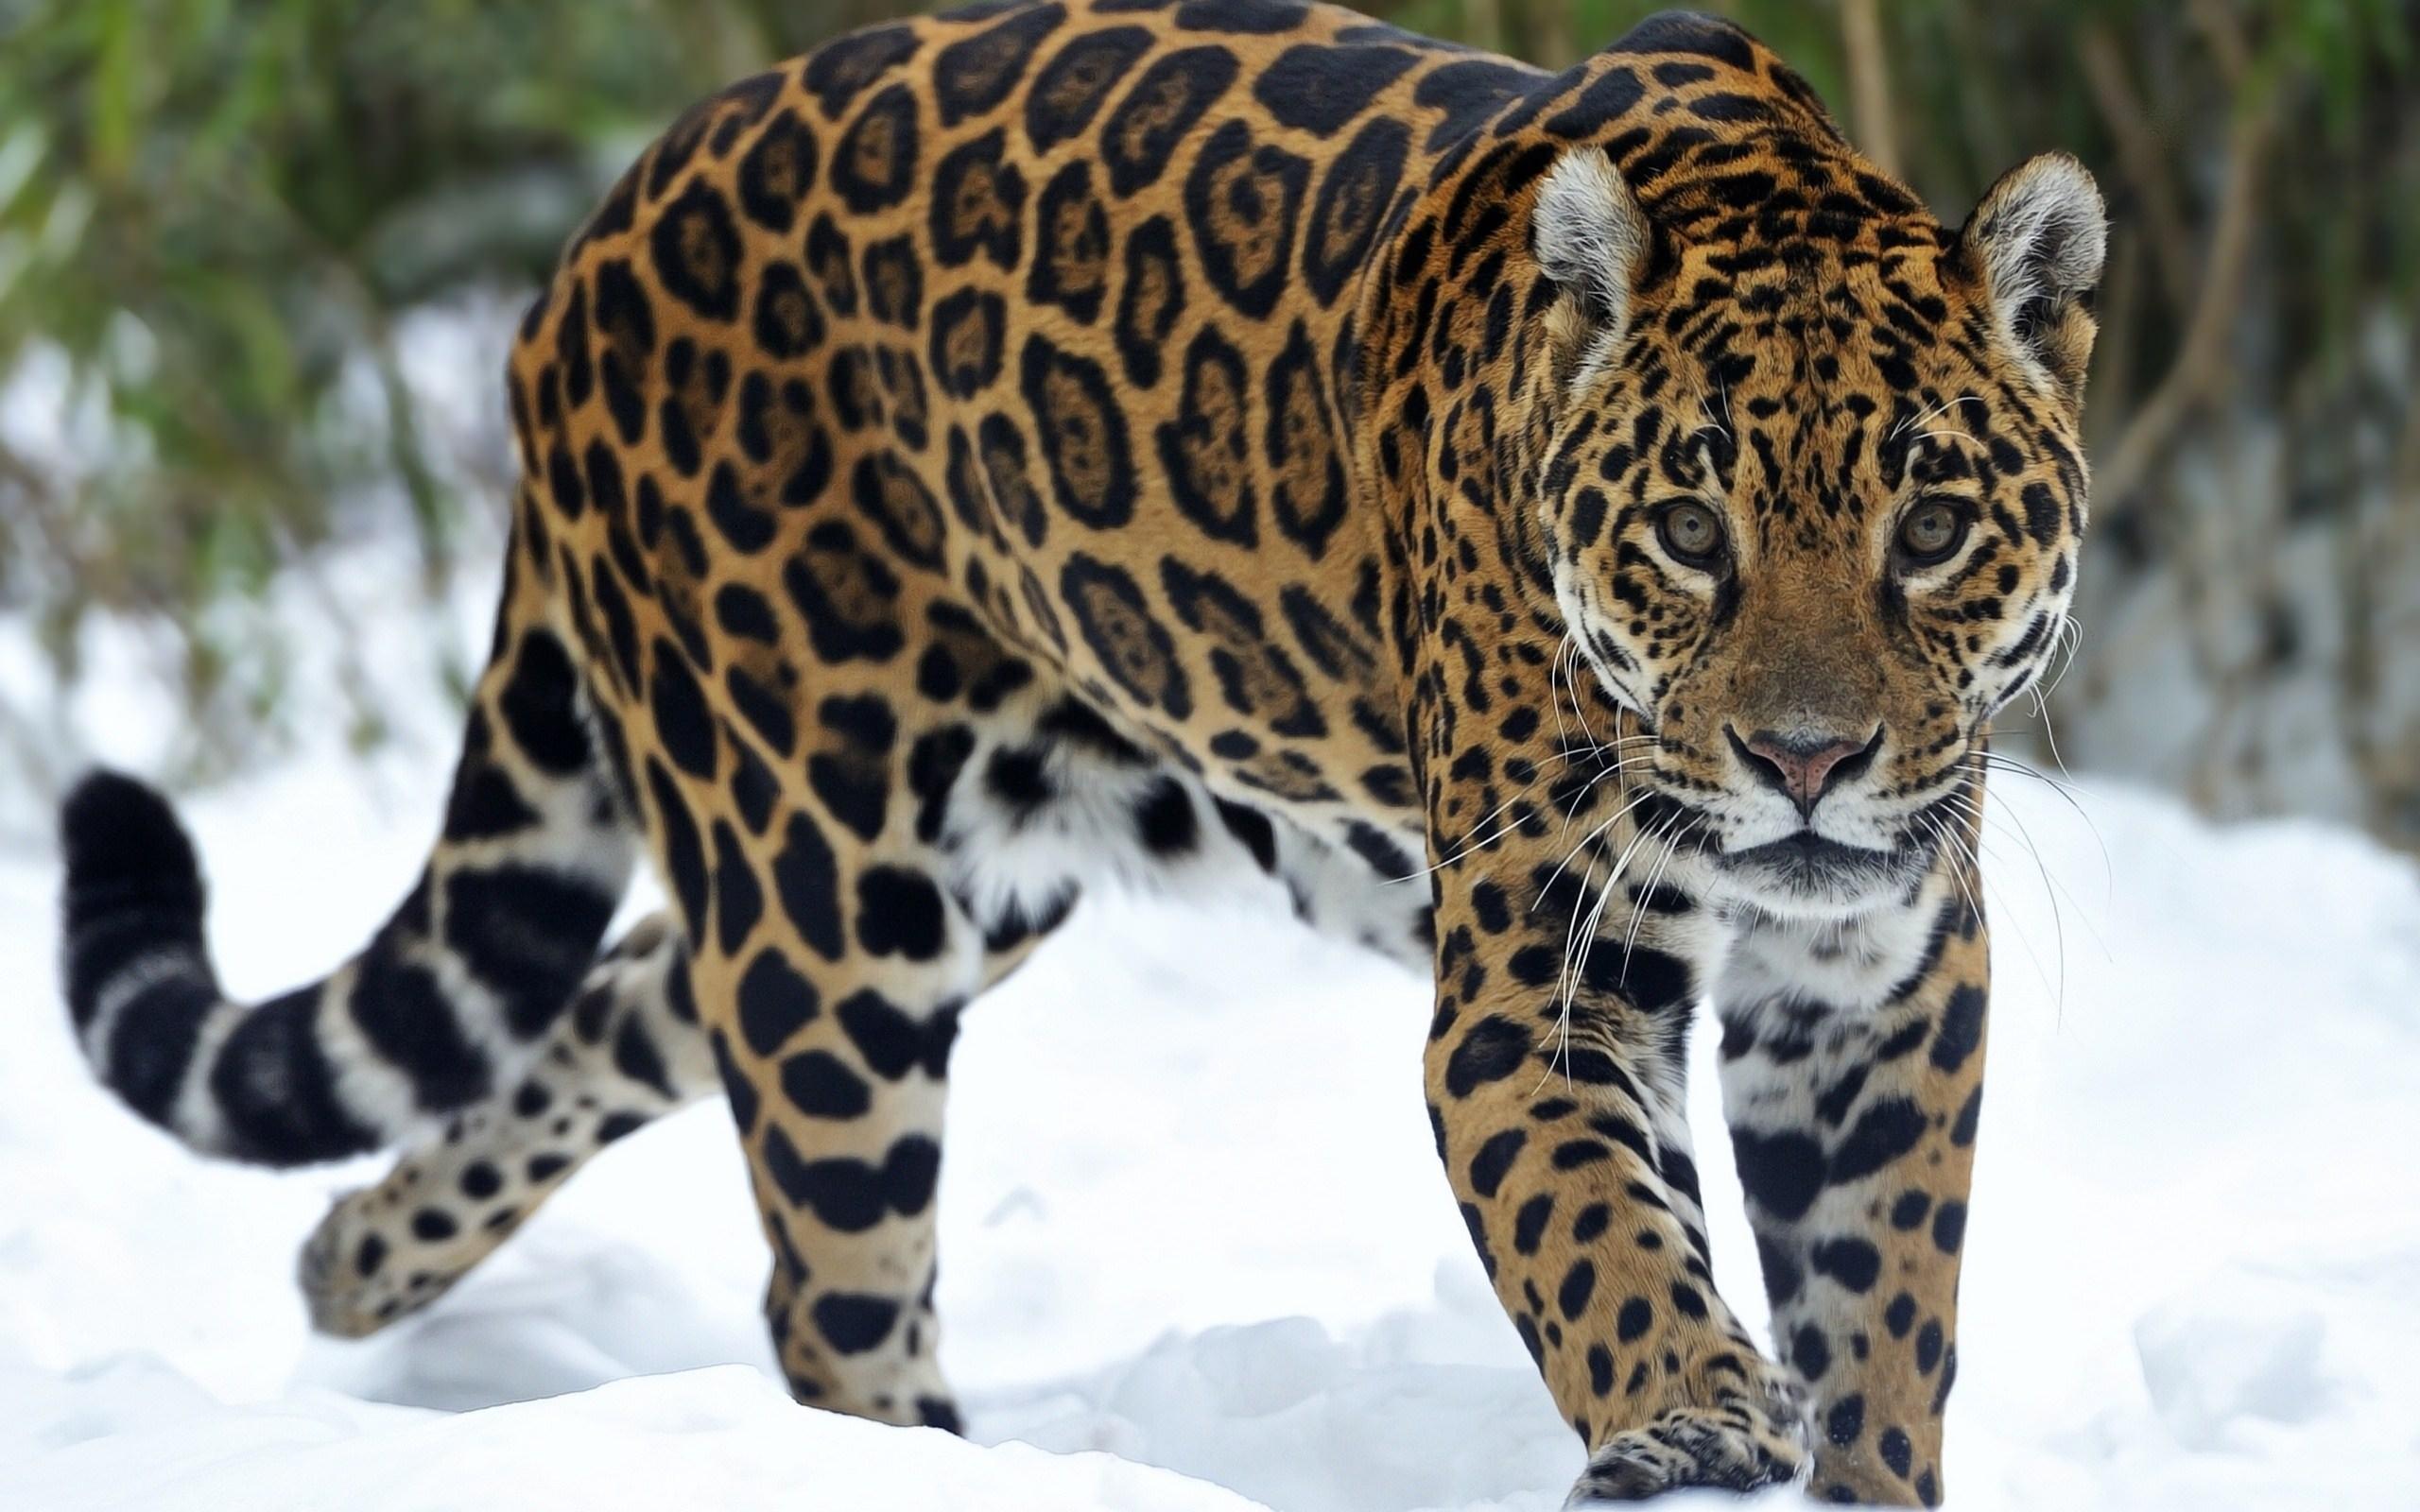 Nean jaguars